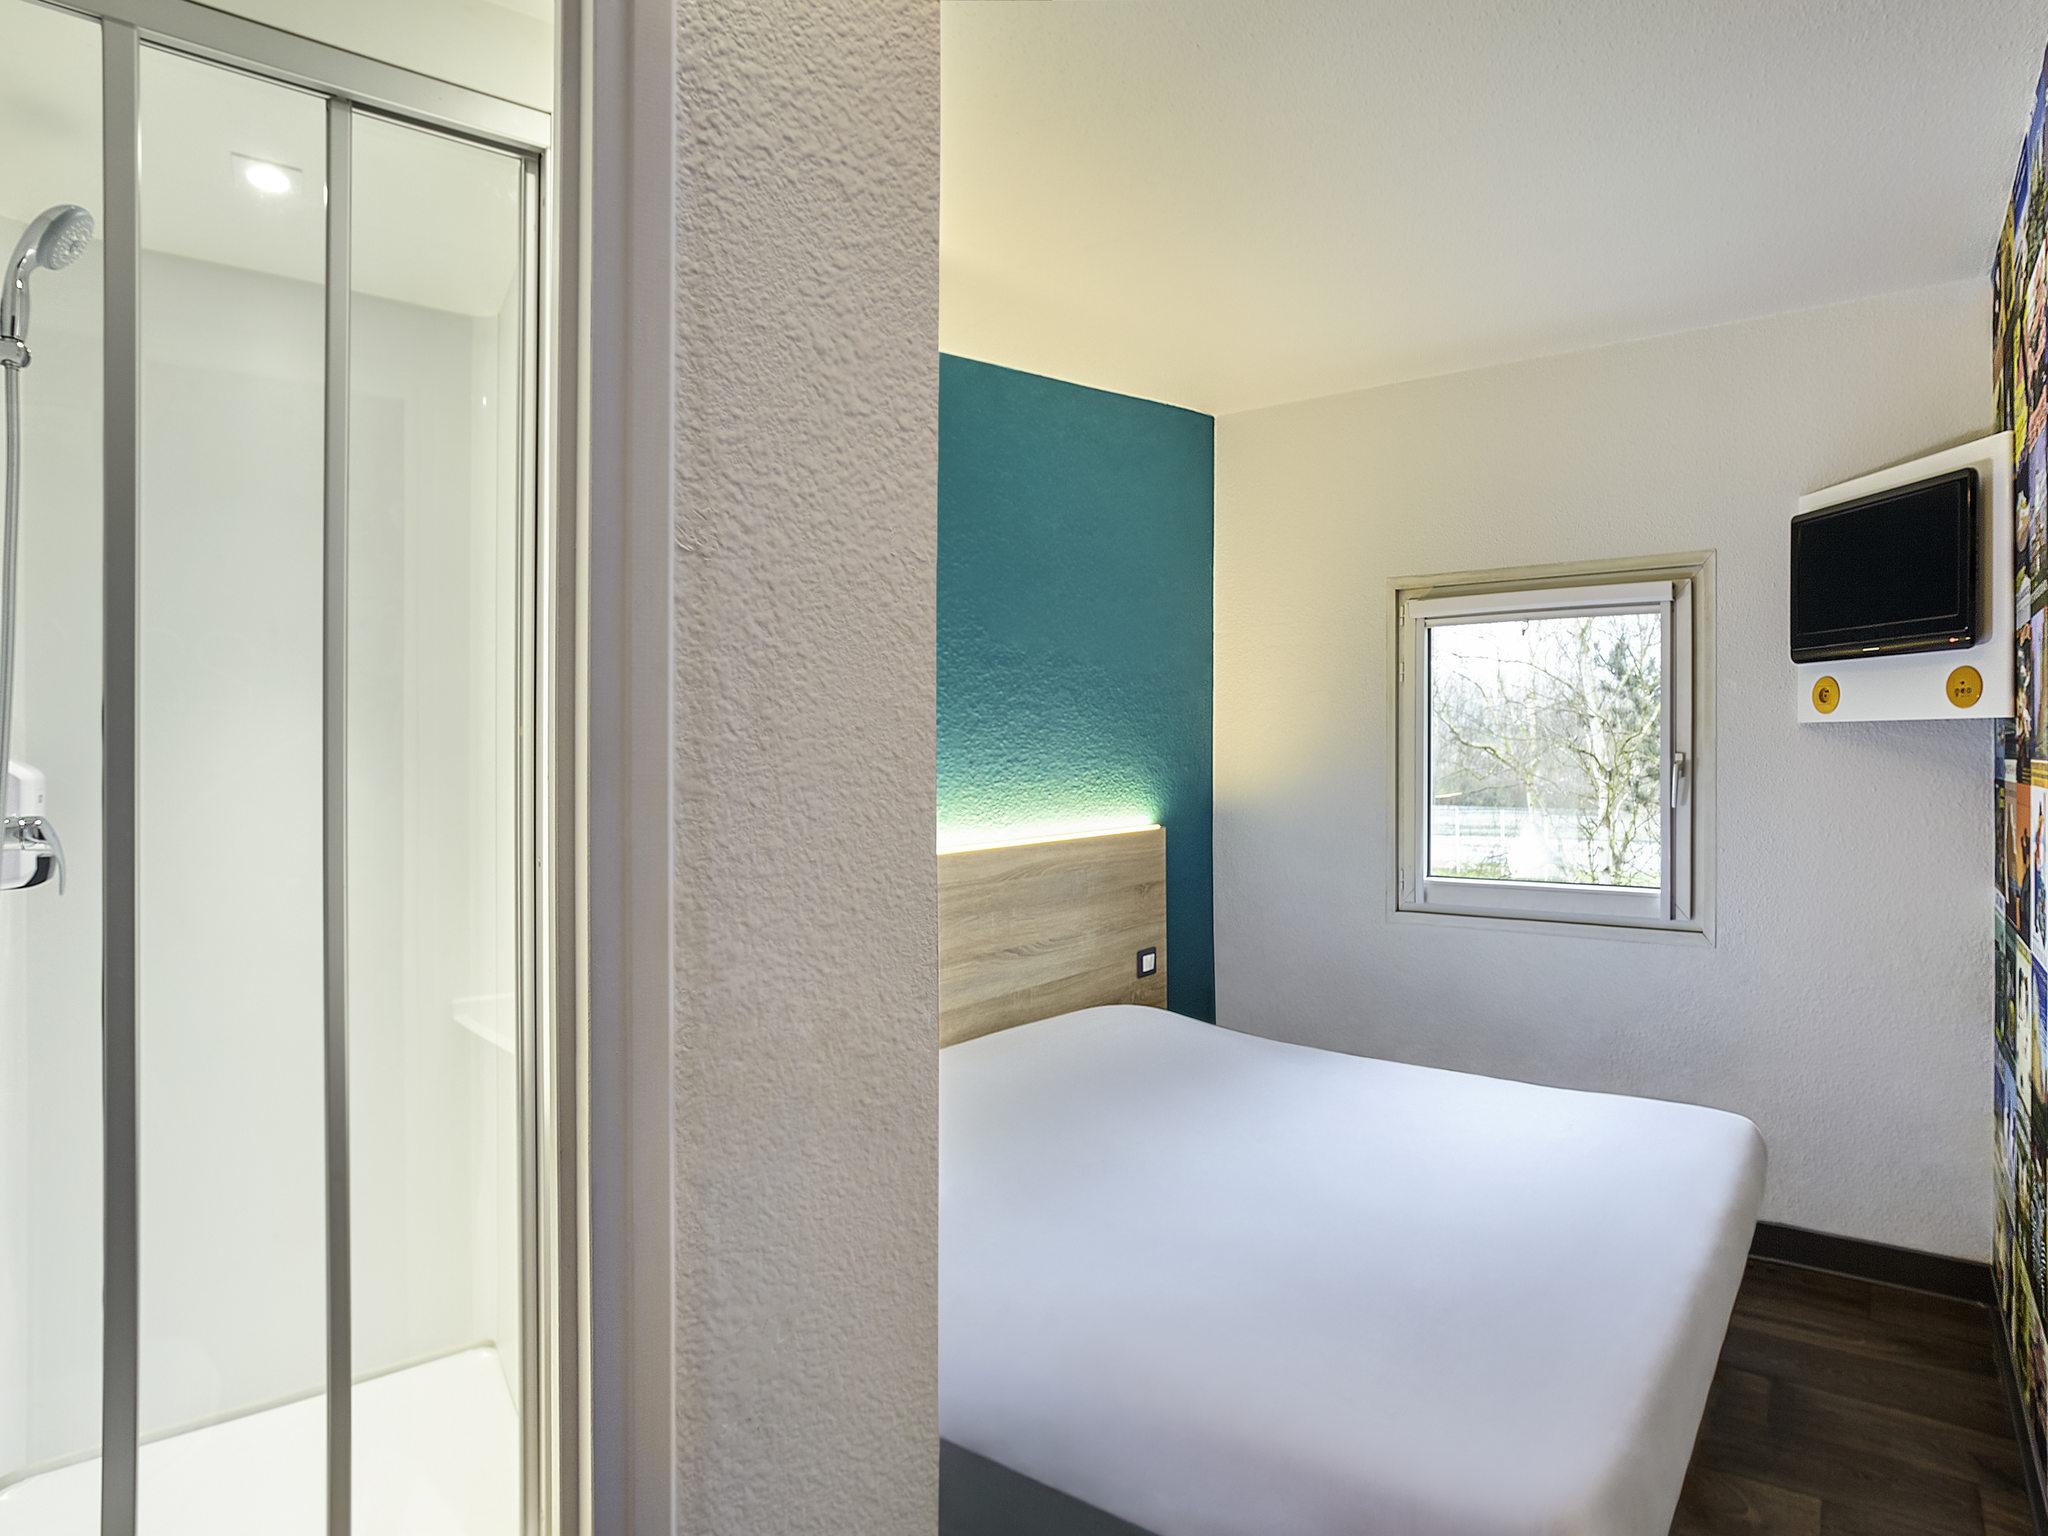 فندق - hotelF1 Nice Villeneuve-Loubet (rénové)